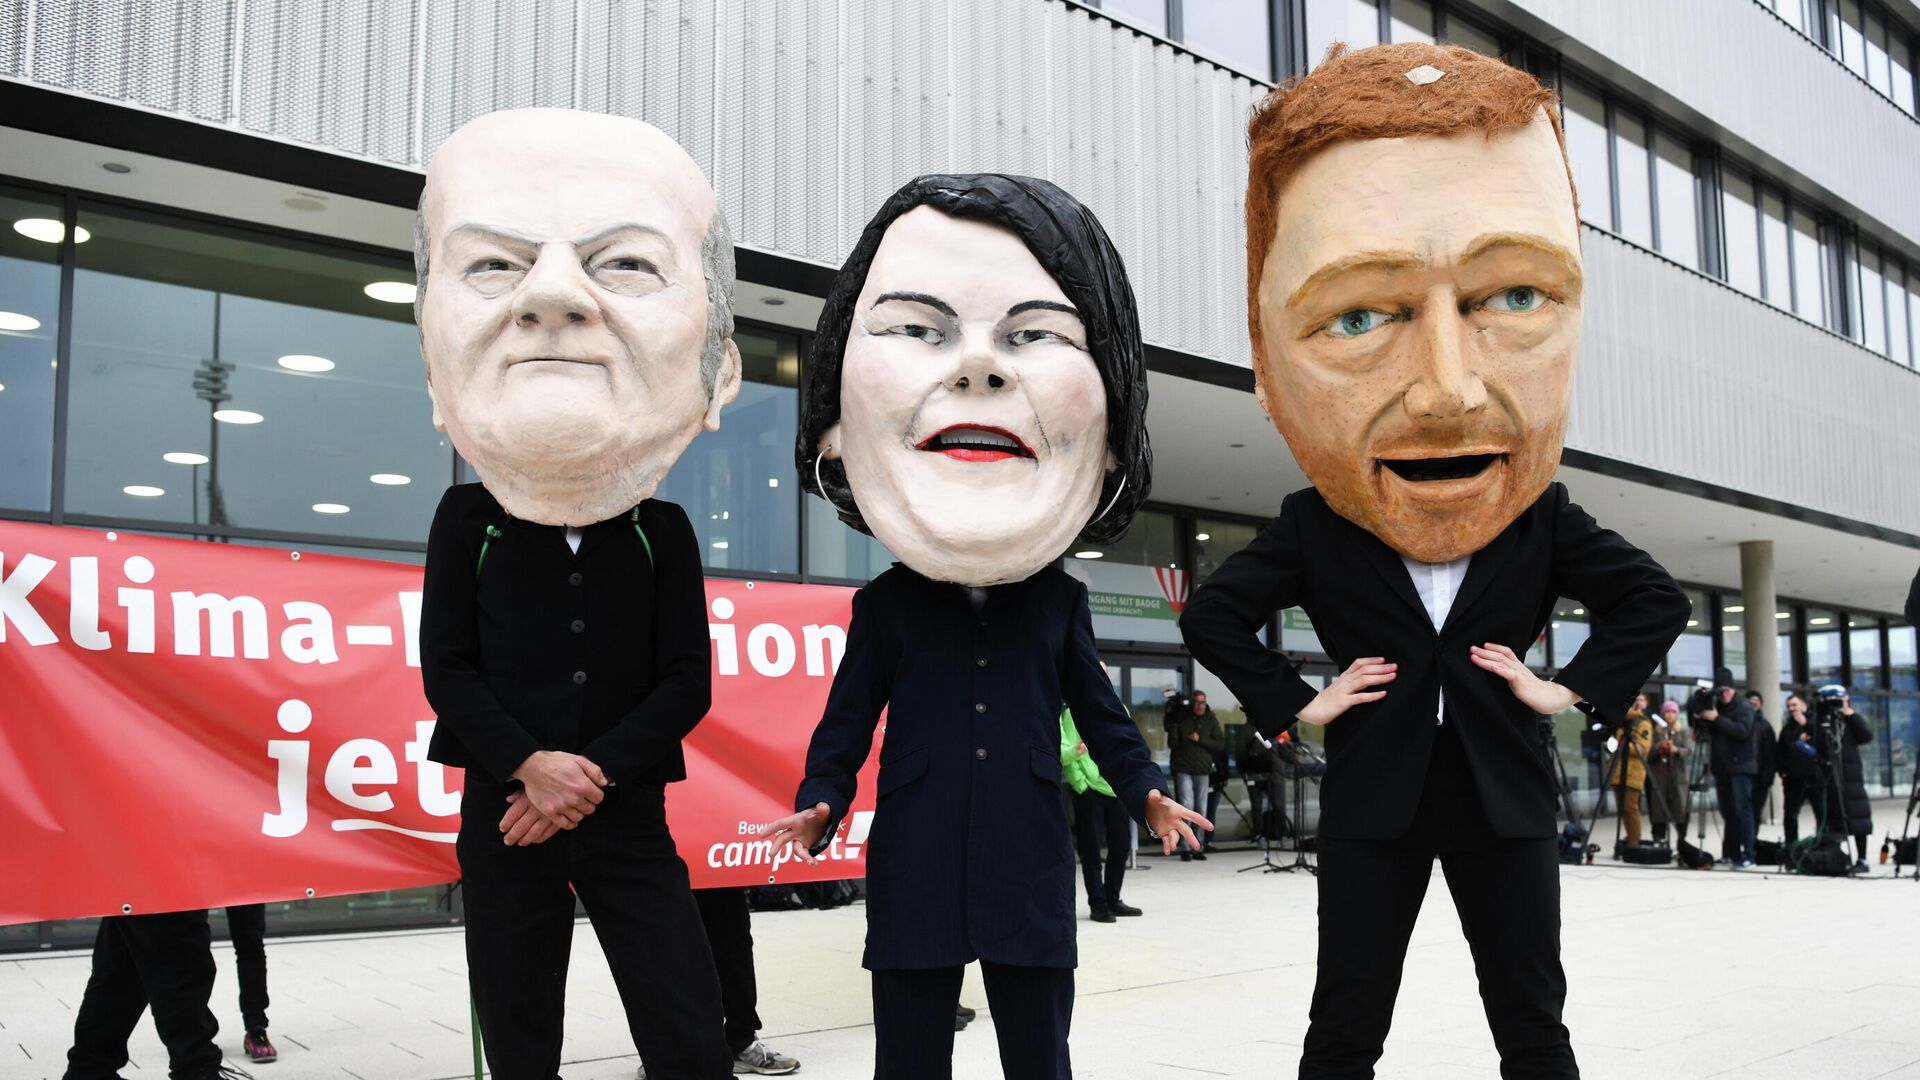 Demonstranten mit Masken des SPD-Spitzenkandidaten der SPD, Grünen, und der  FDP posieren in Berlin am 11. Oktober 2021 - SNA, 1920, 11.10.2021